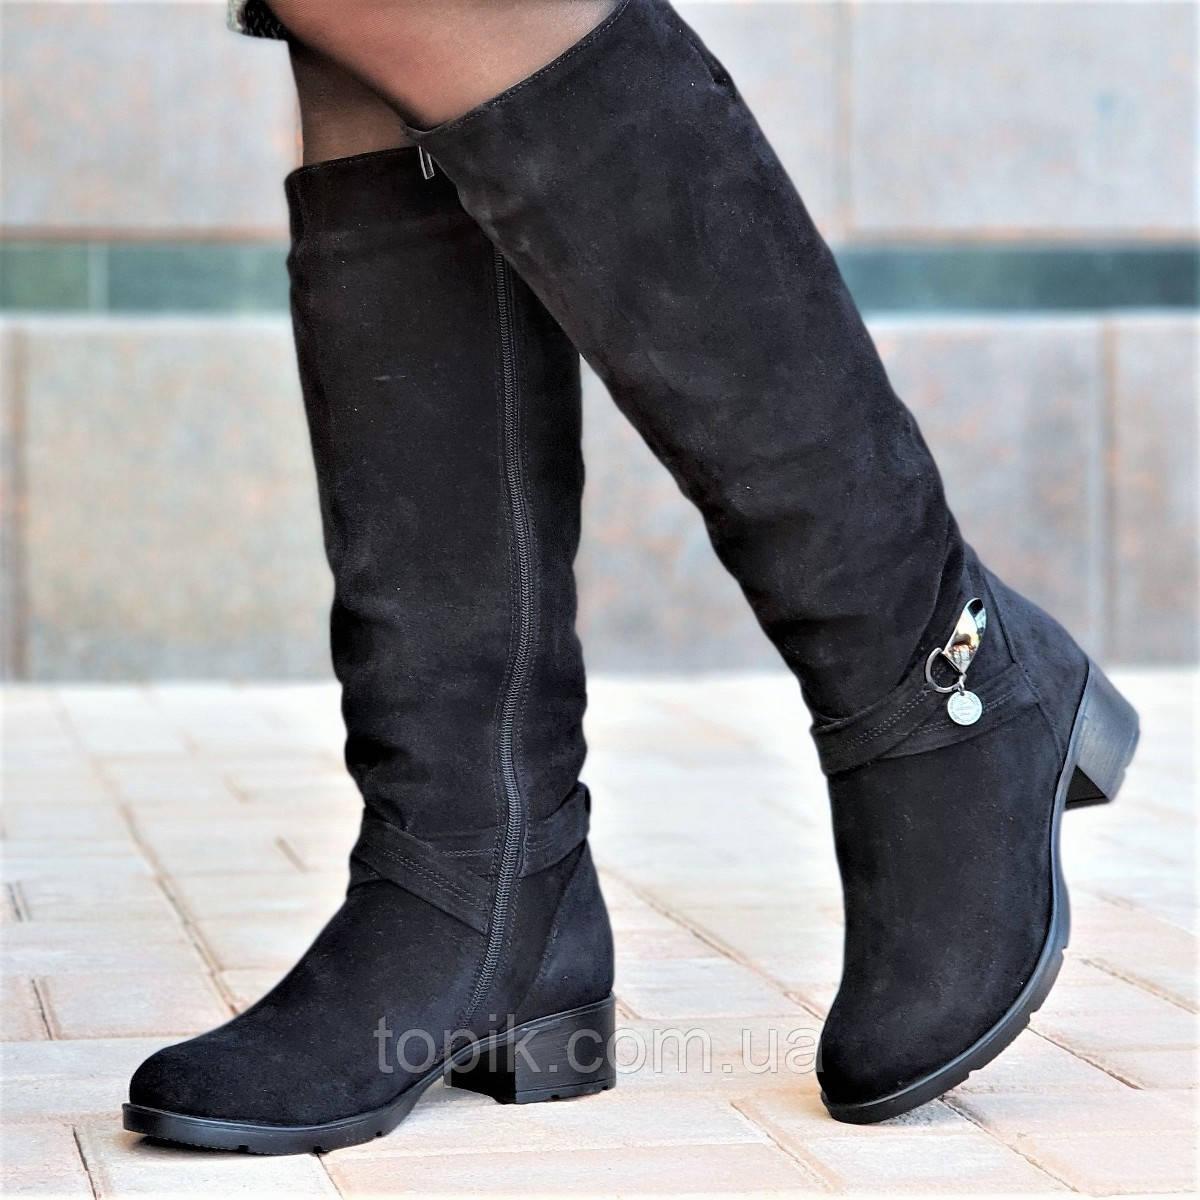 Женские зимние сапоги элегантные натуральная замша черные полушерсть  удобные стильные (Код  1248а) - 385e0c51b5487